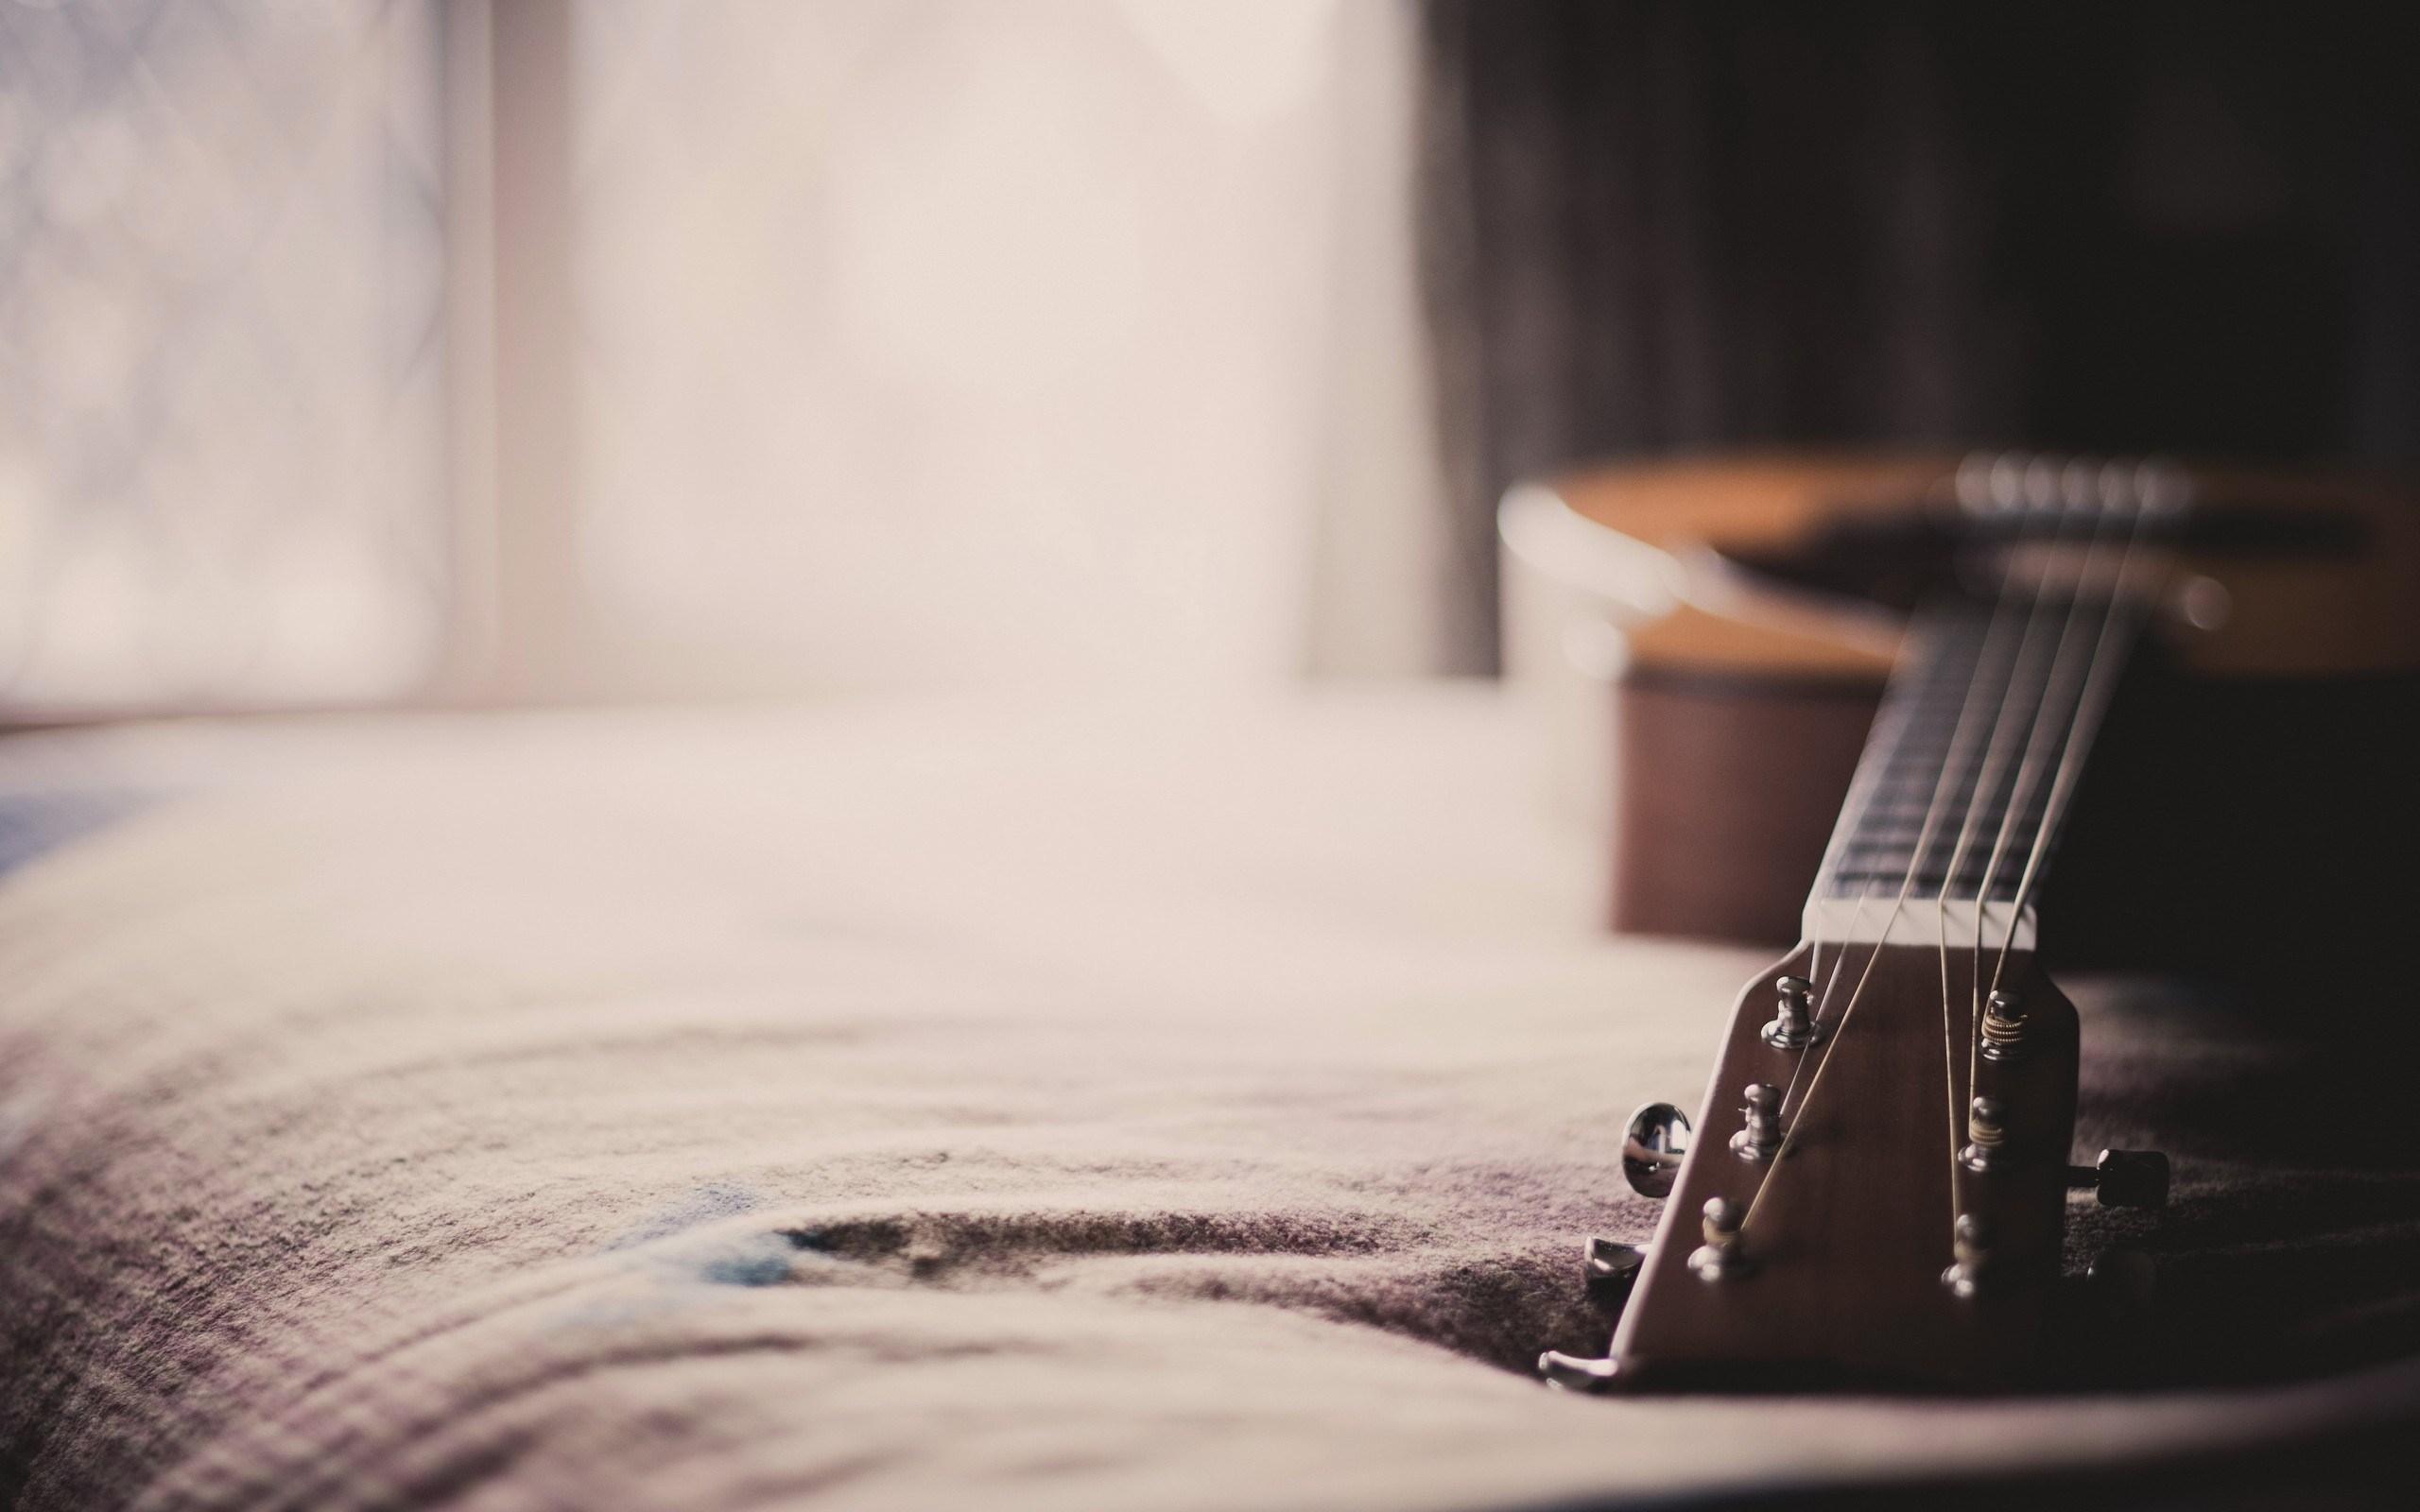 guitarfc.com_Guitar Bg (9)